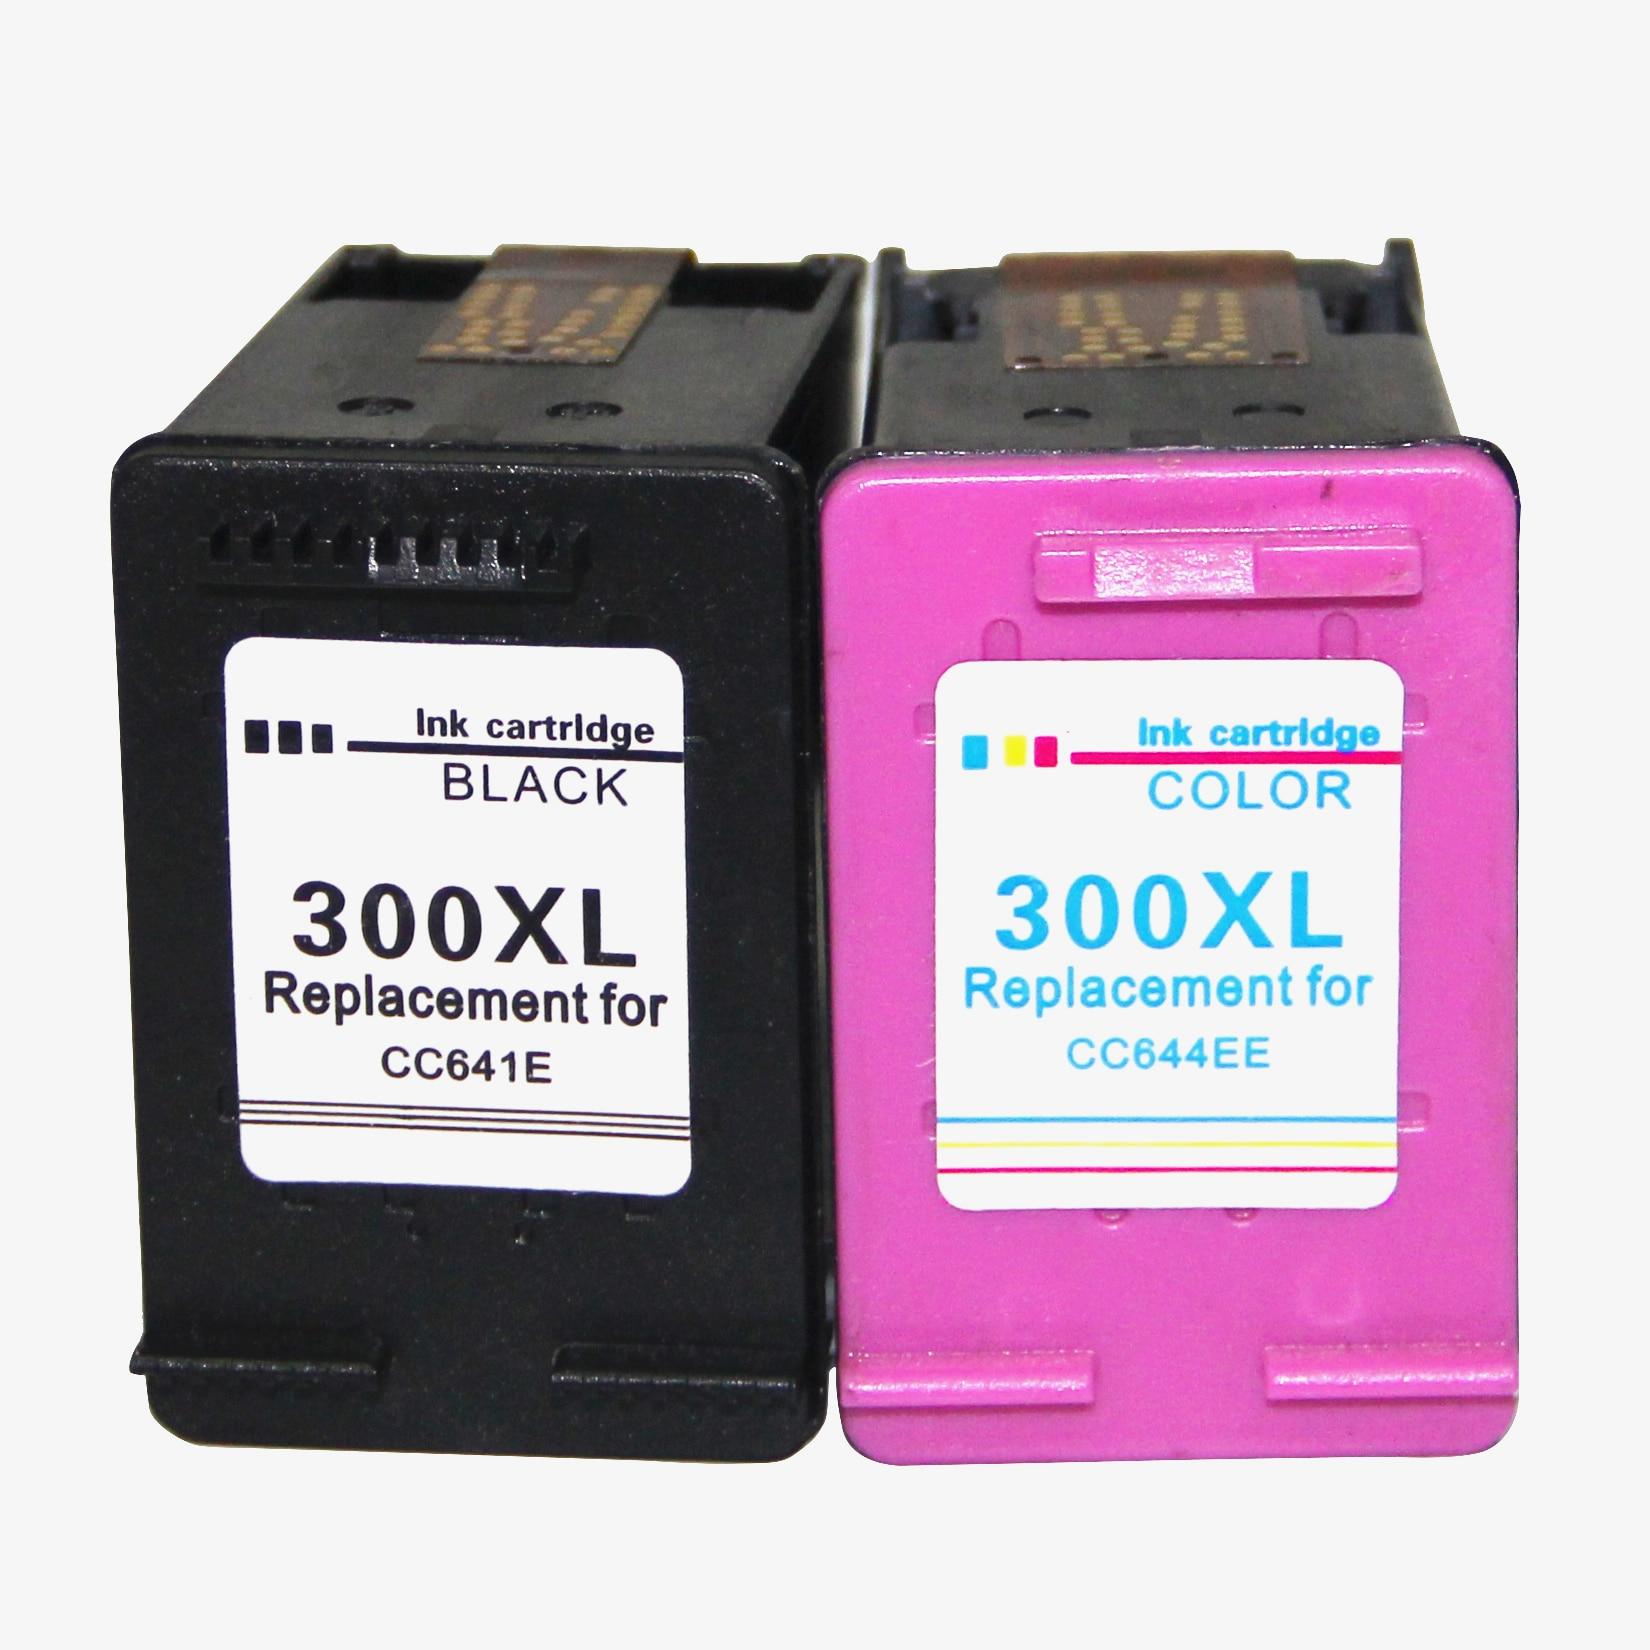 Pengganti HP 300 300XL Kartrid Tinta untuk HP C4780 C4680 D1660 D1663 D2530 D2545 D2560 D2660 D5560 F2420 F4280 f4580